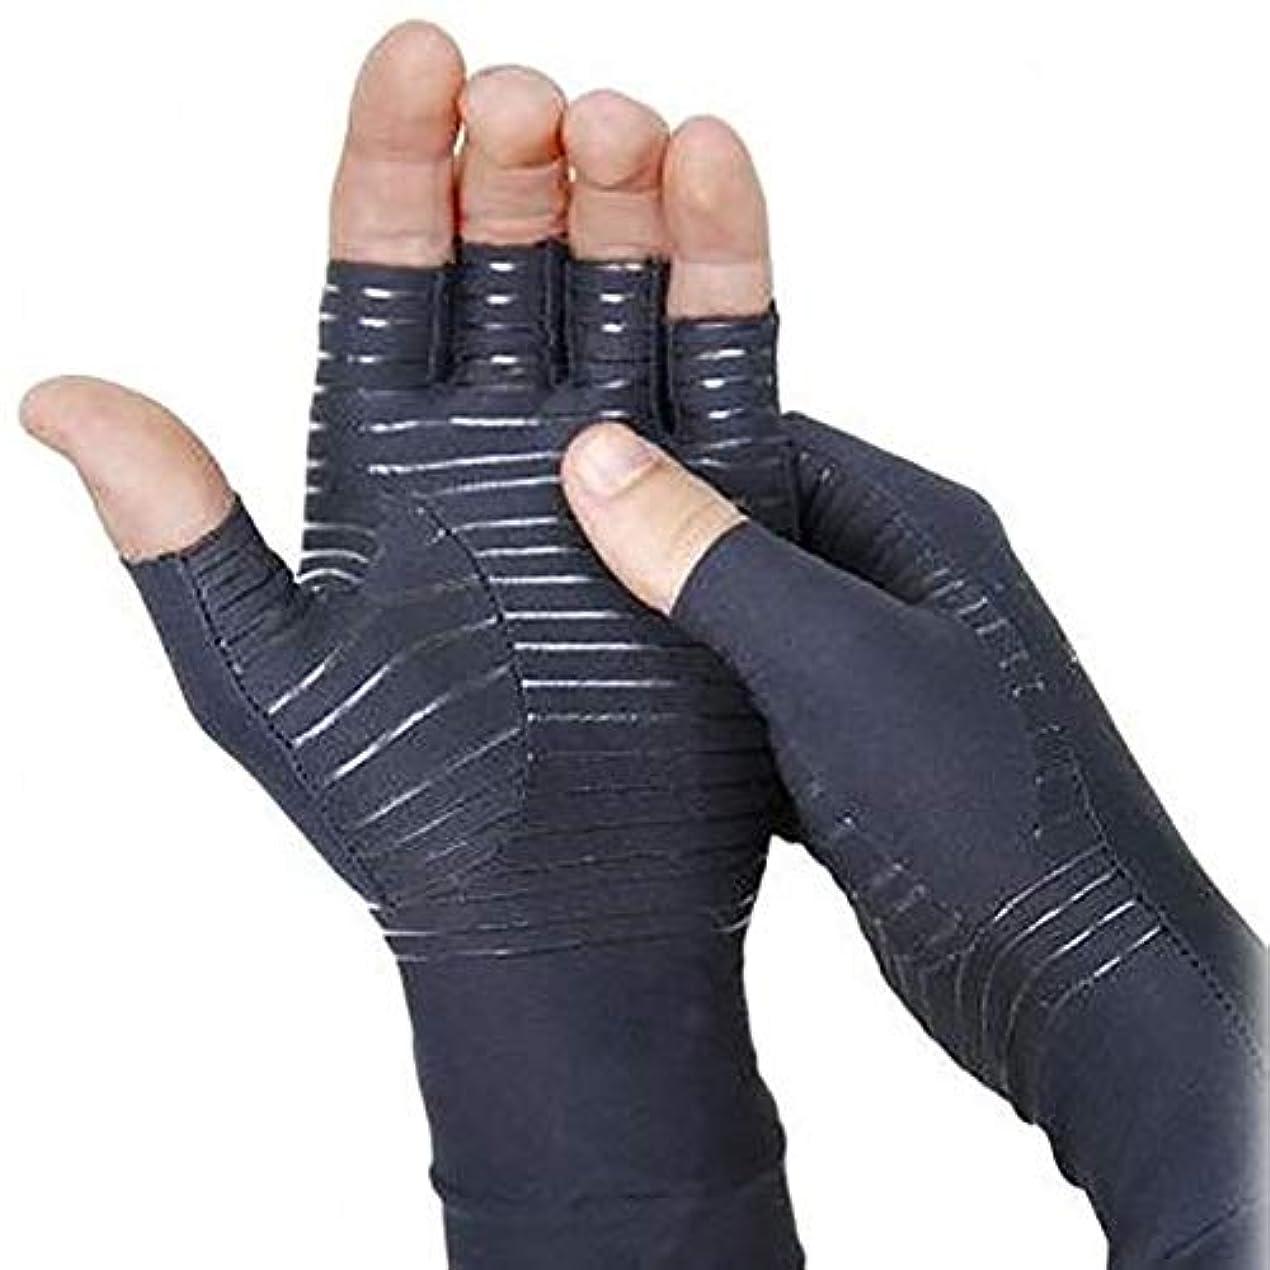 最終的に世代後ろにBOBORA 関節炎手袋 着圧手袋 指なし手袋 着圧引き締め 銅イオン繊維 関節ストレス 手首サポーター スライドタッチ手袋 男女共用 1ペア入り